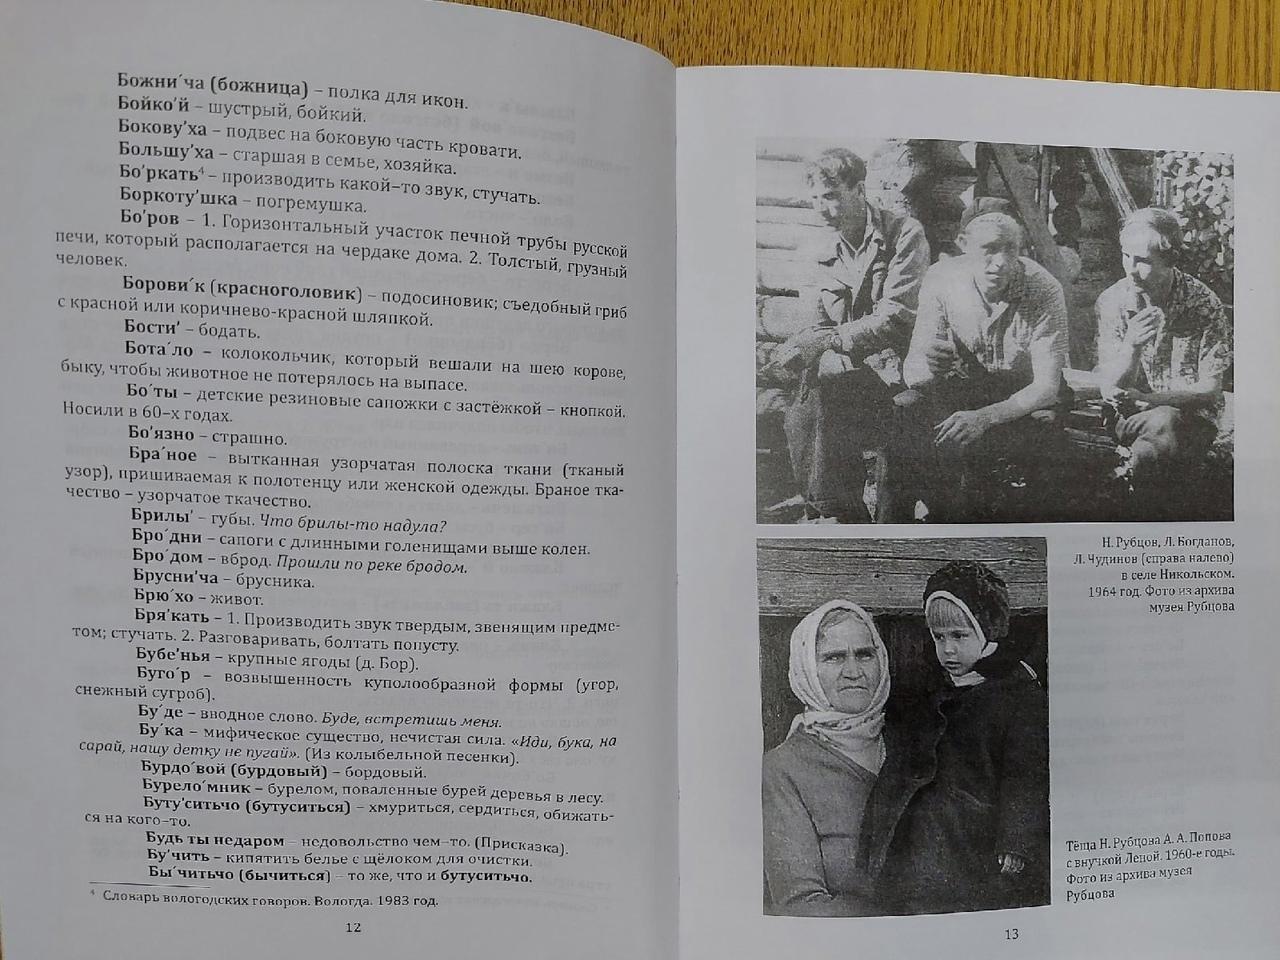 В год 85-летия Николая Рубцова вышел в свет «Словарь толшменских говоров» 📖